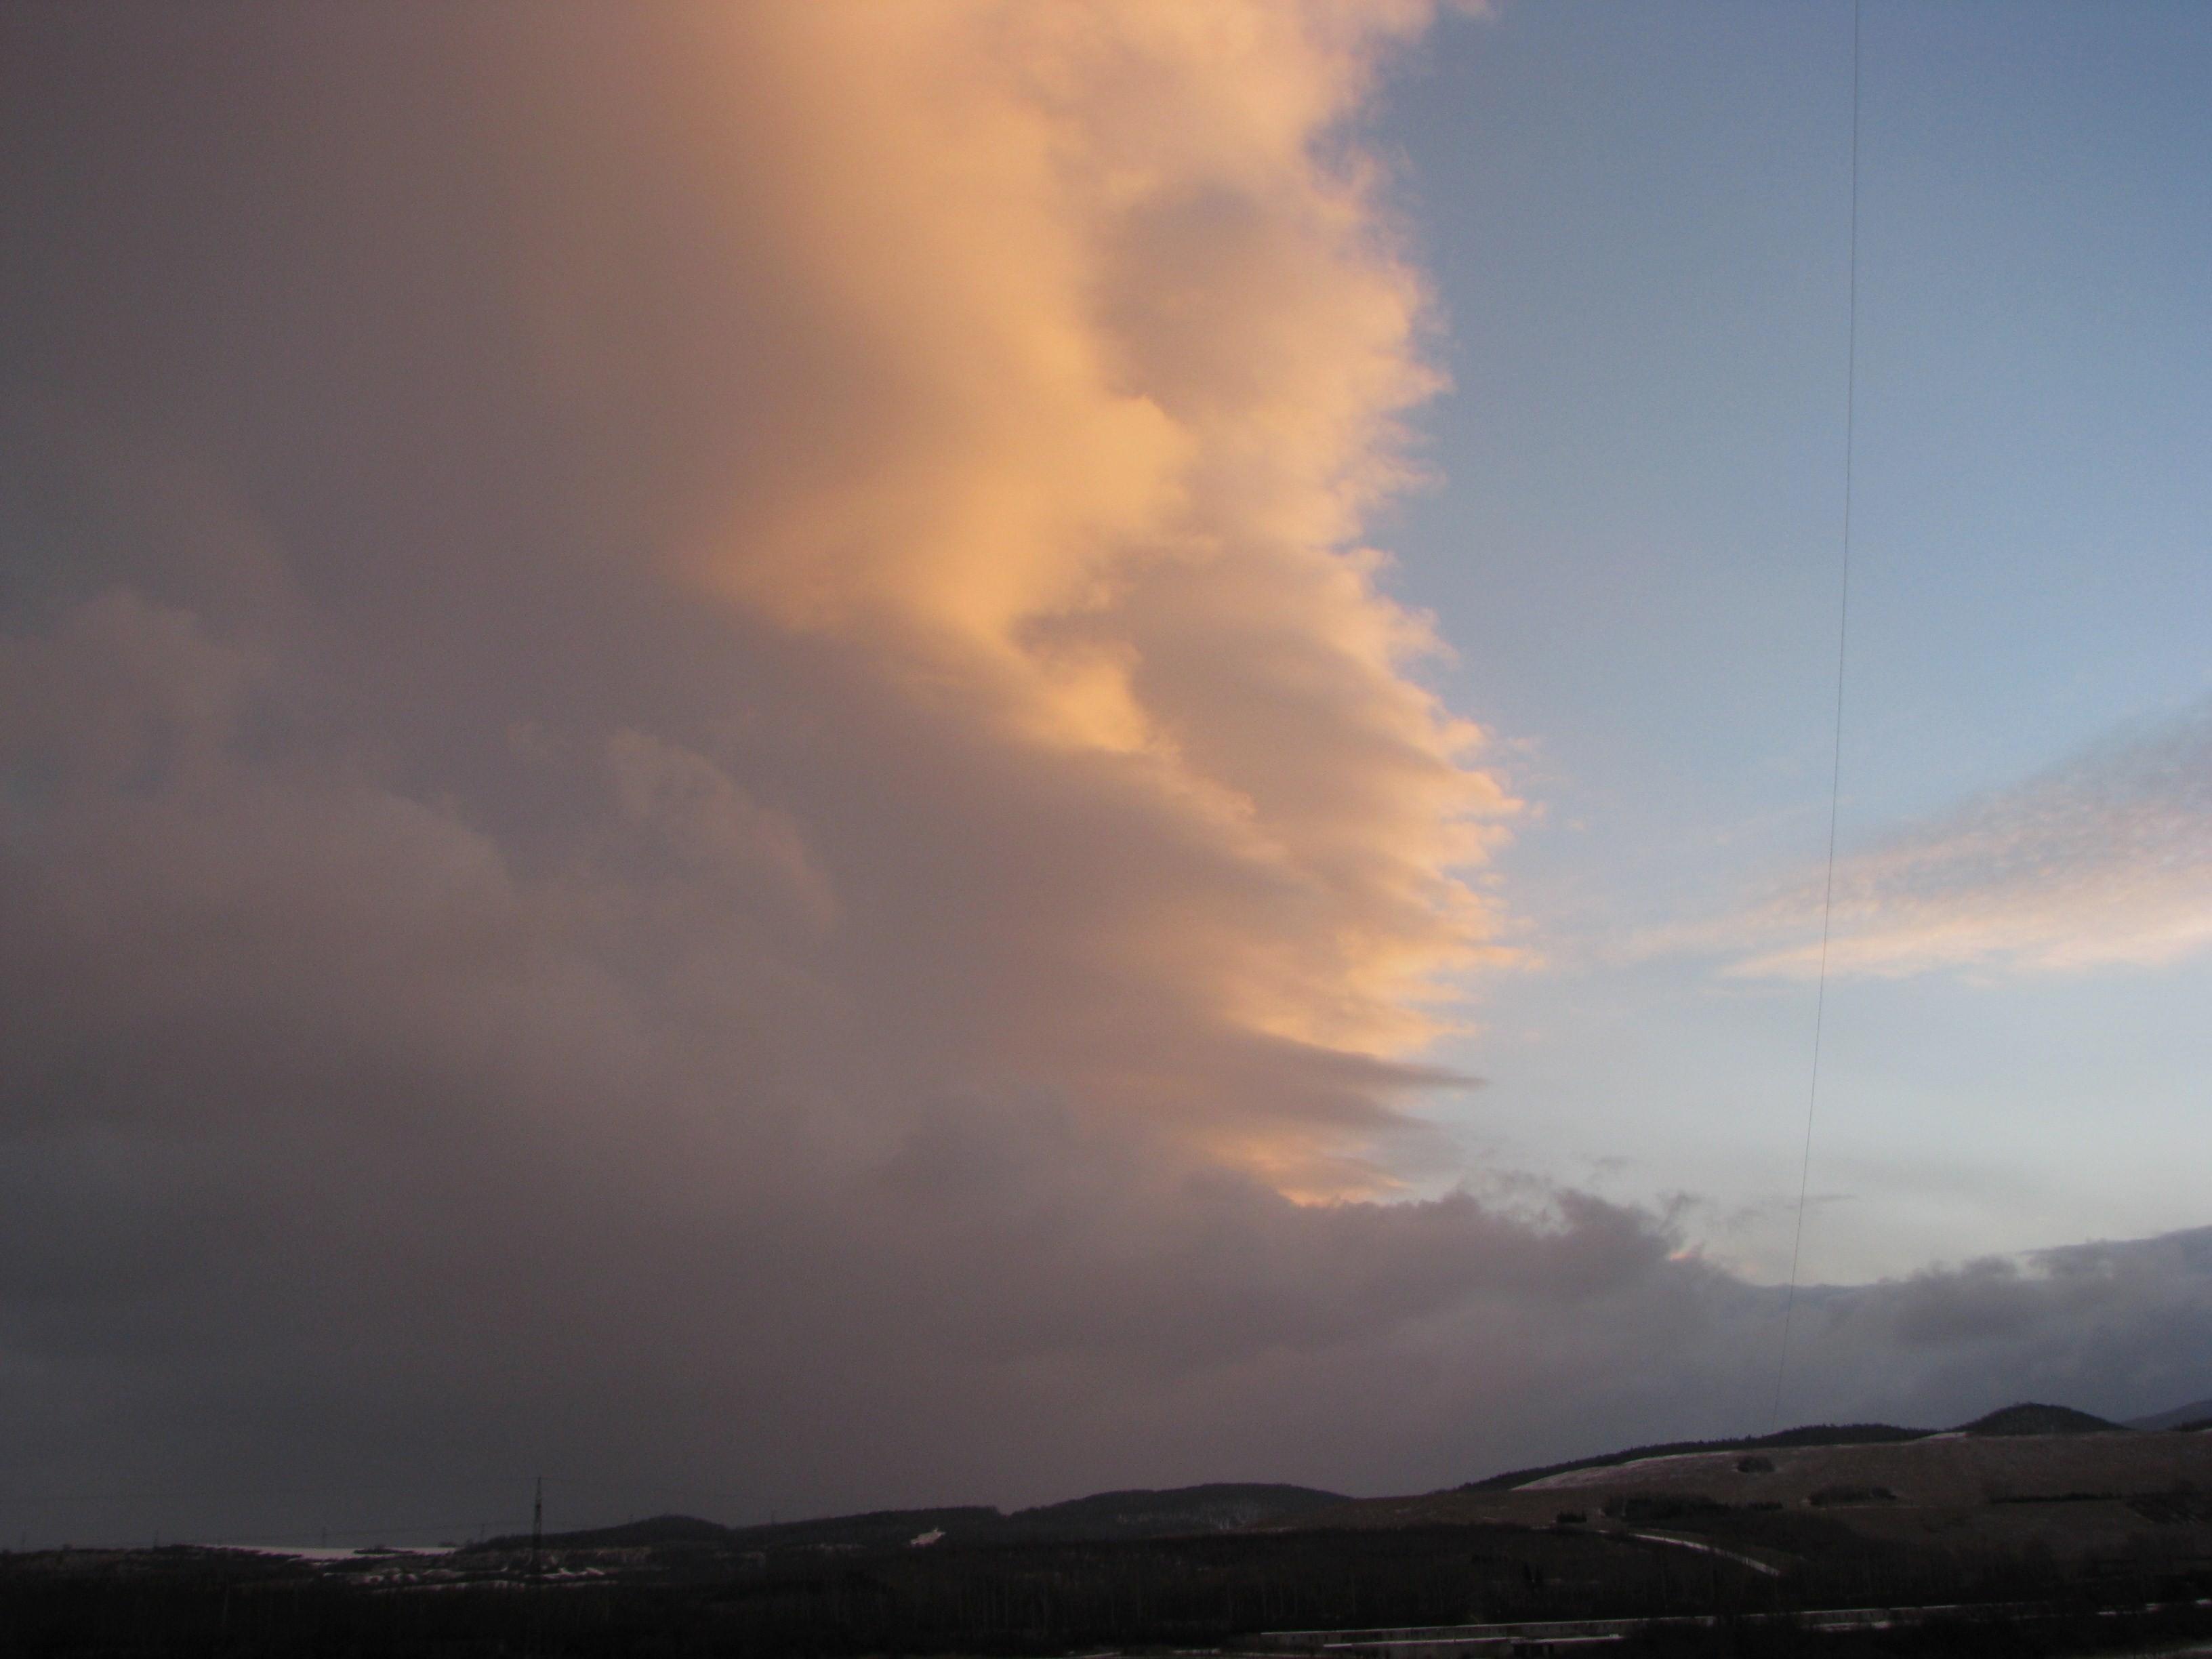 Východ Slunce v oblacích